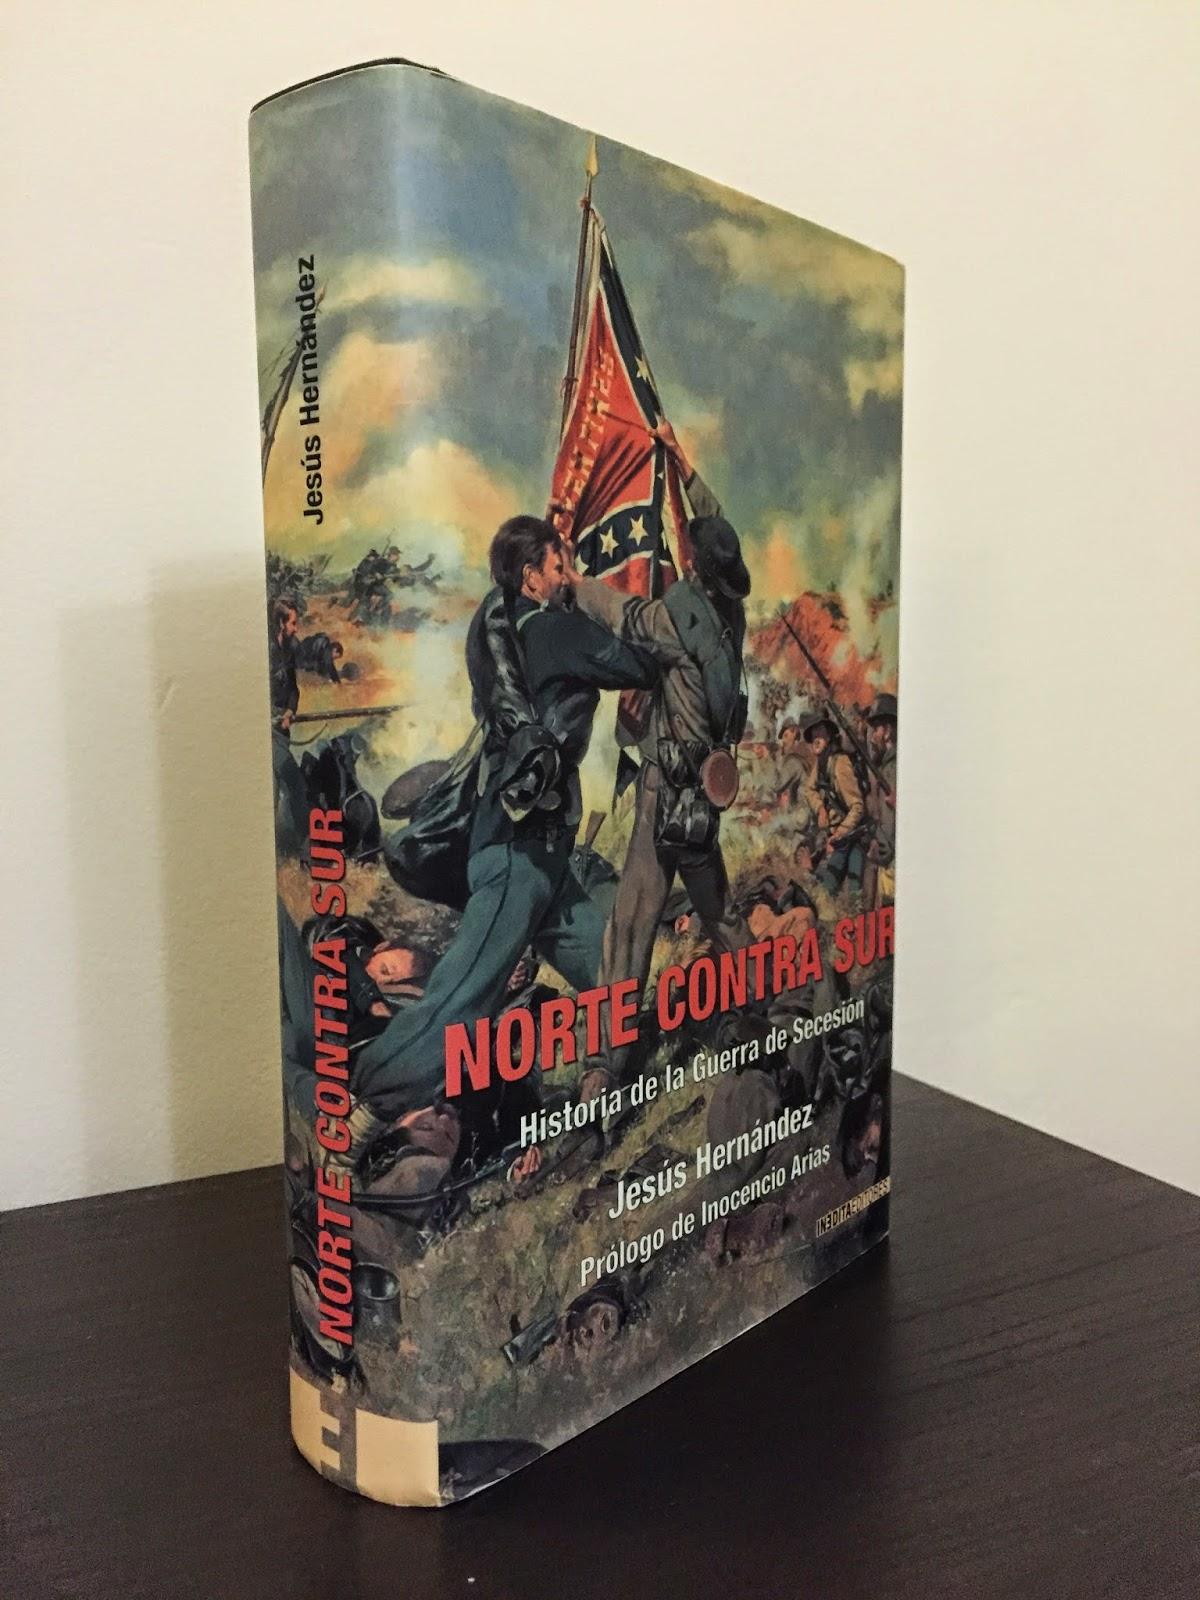 Libros bélicos, Libros de guerra